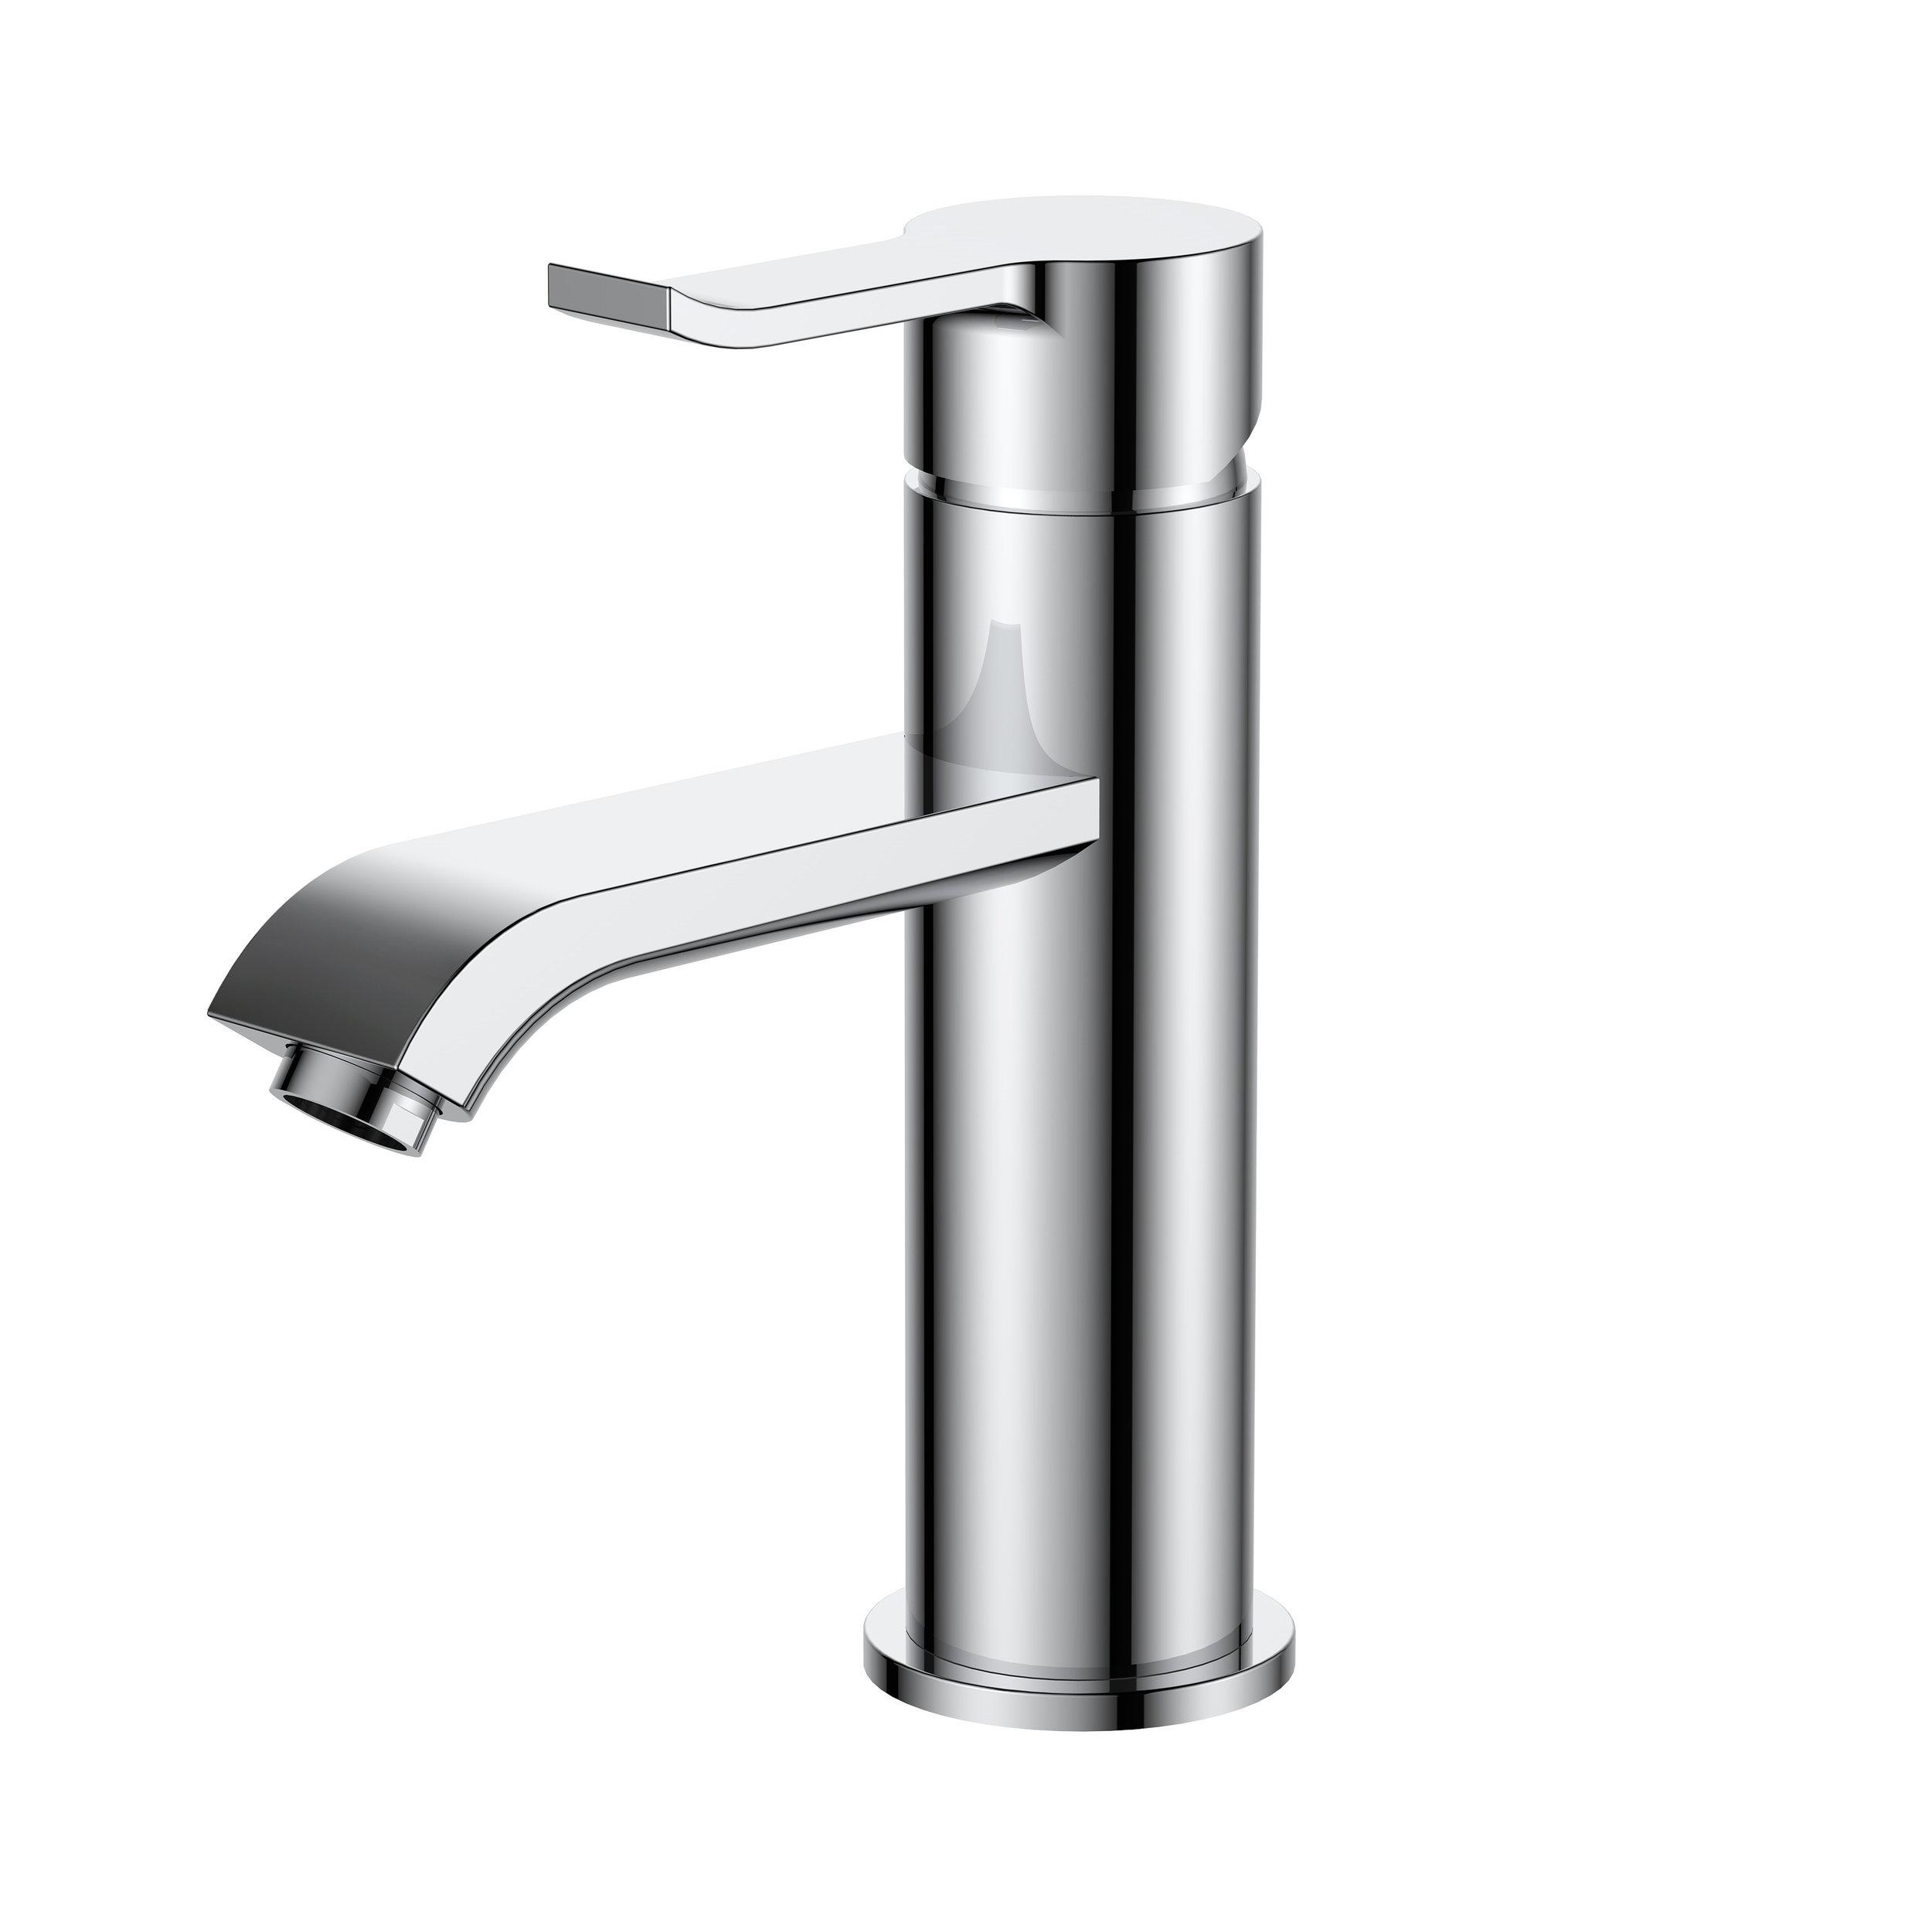 736-101: Basin faucet